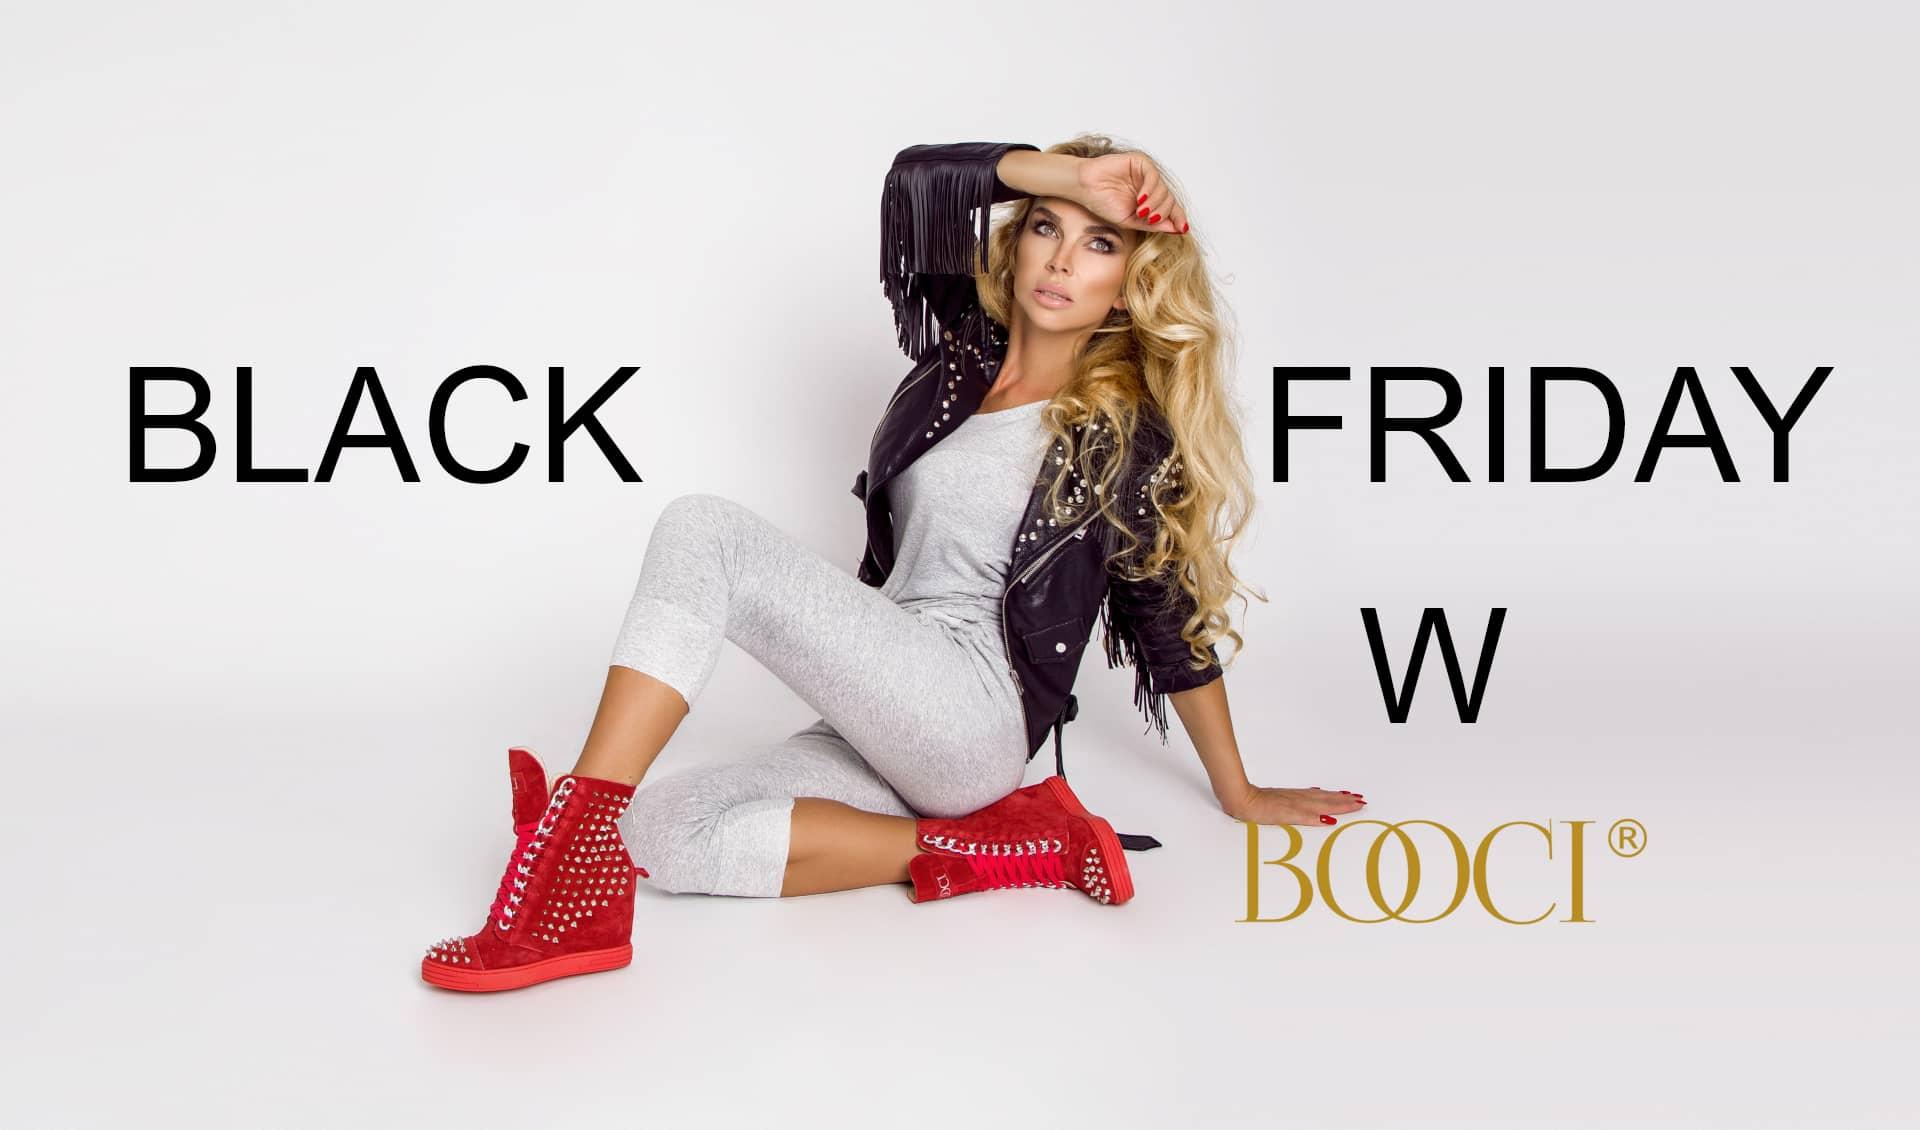 BlackFriday w BOOCI